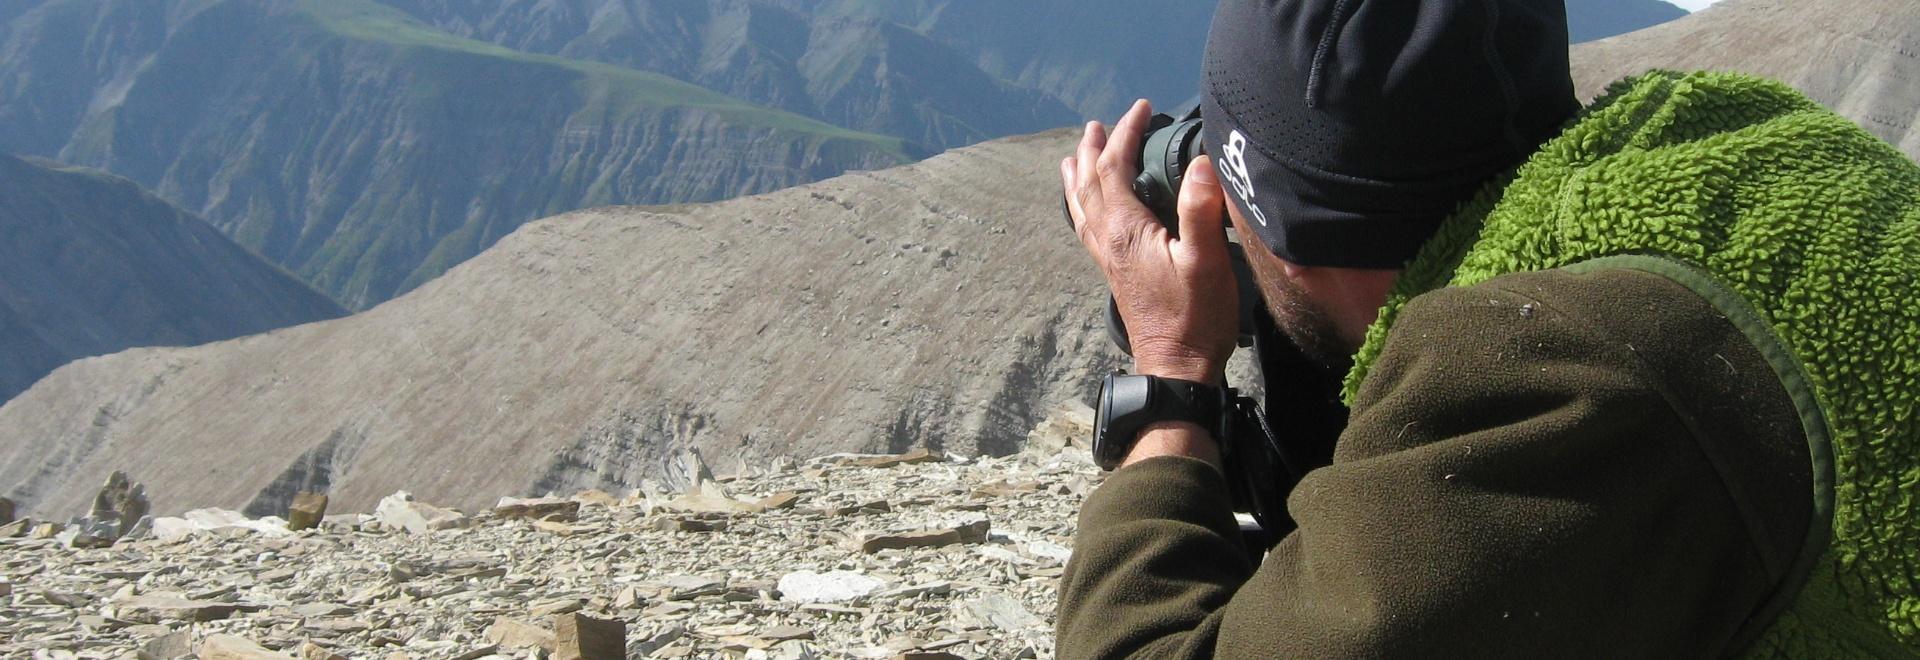 Hunting Around the World